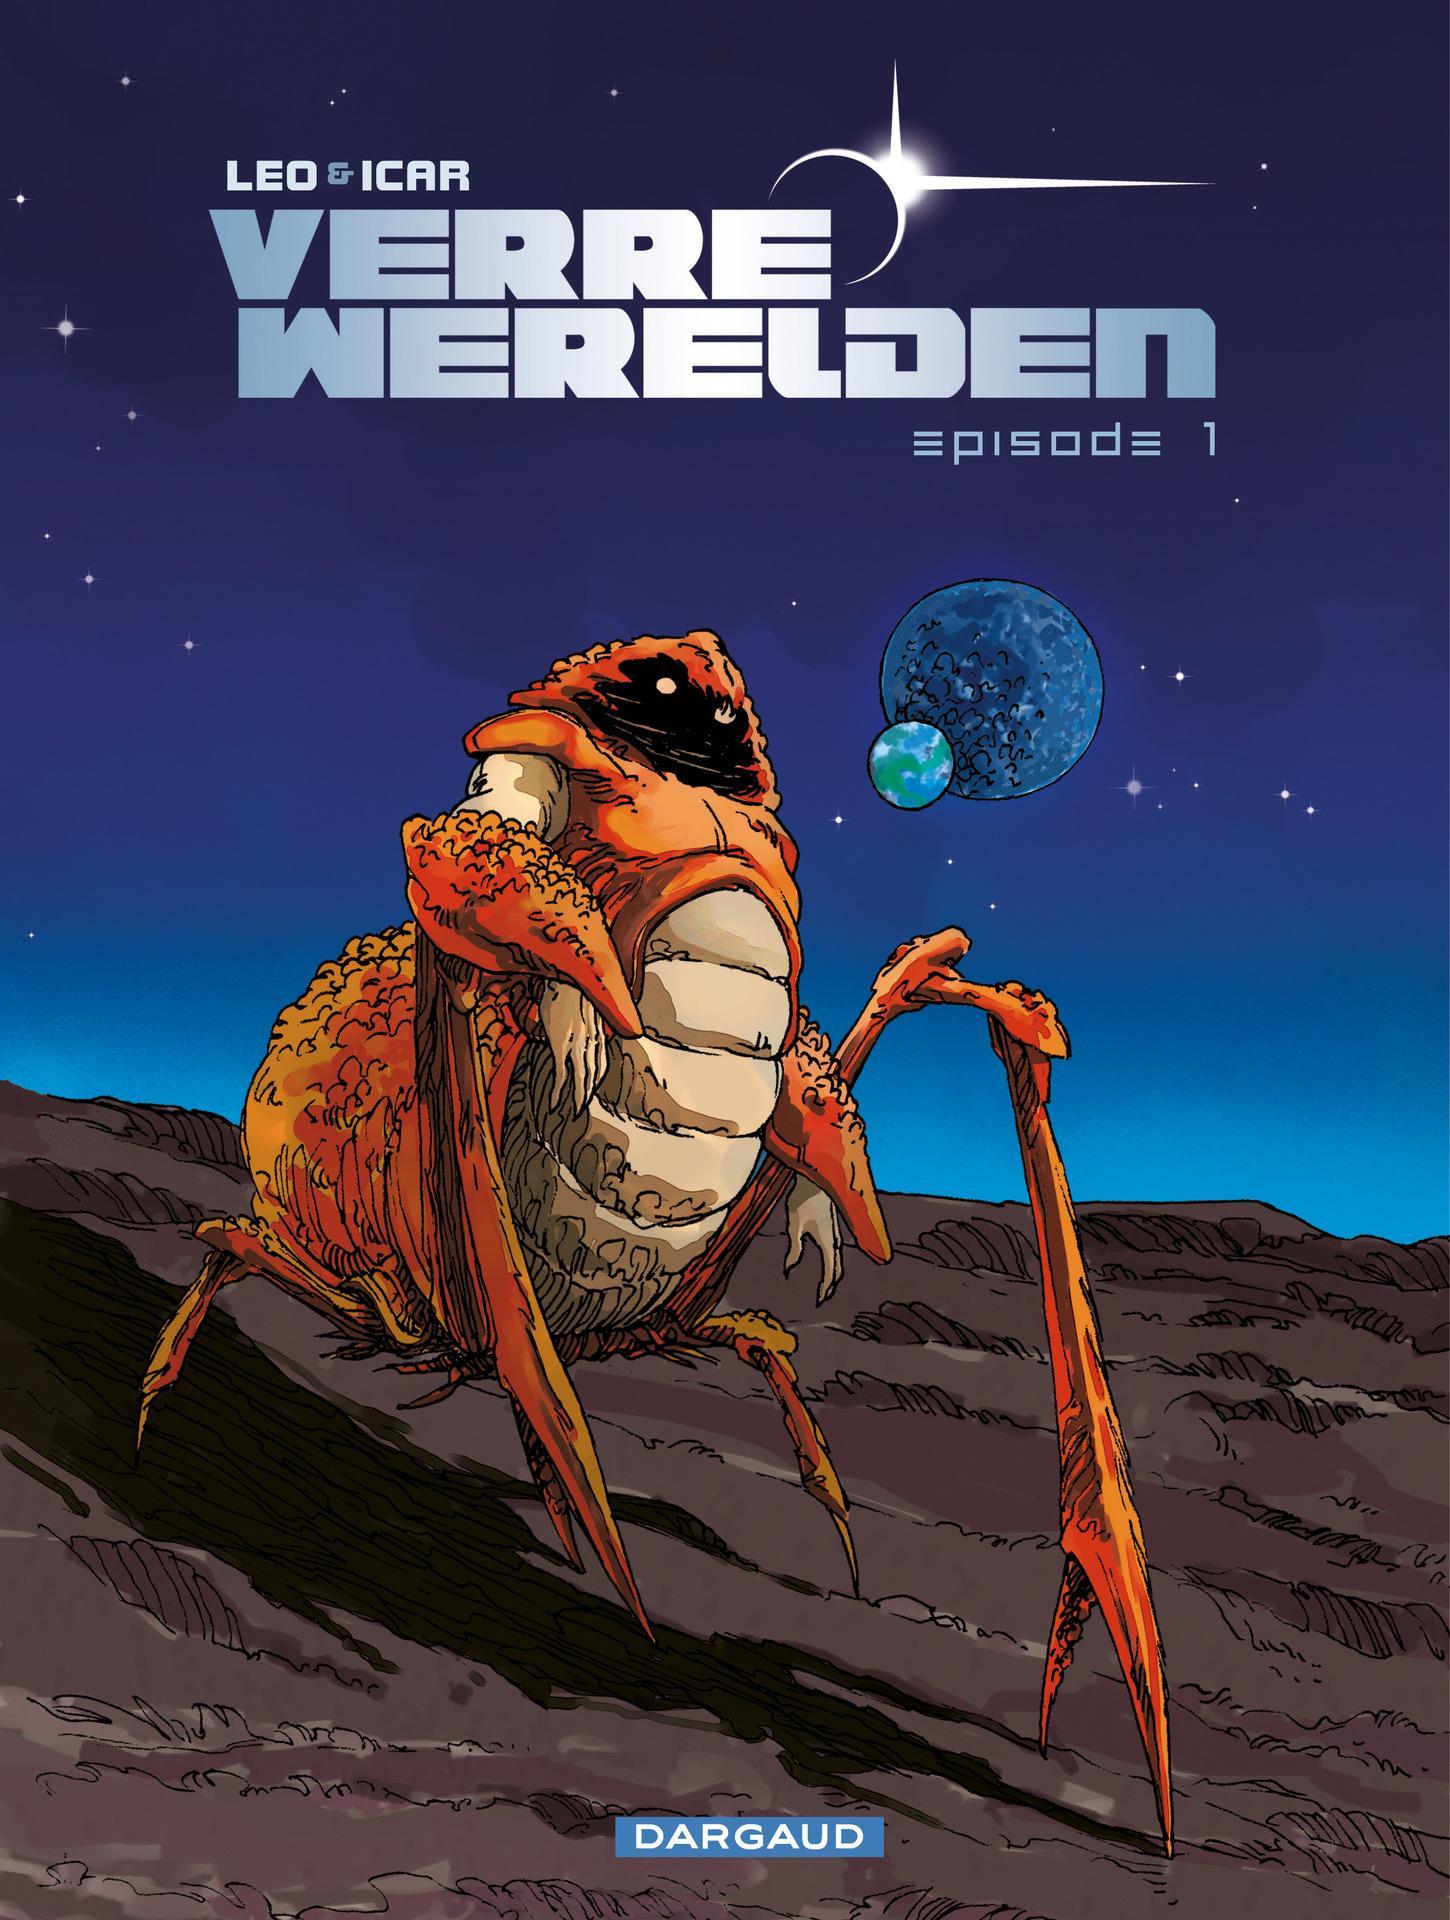 Verre Werelden/Verre Werelden - 05 - Episode 05 (Digitale rip